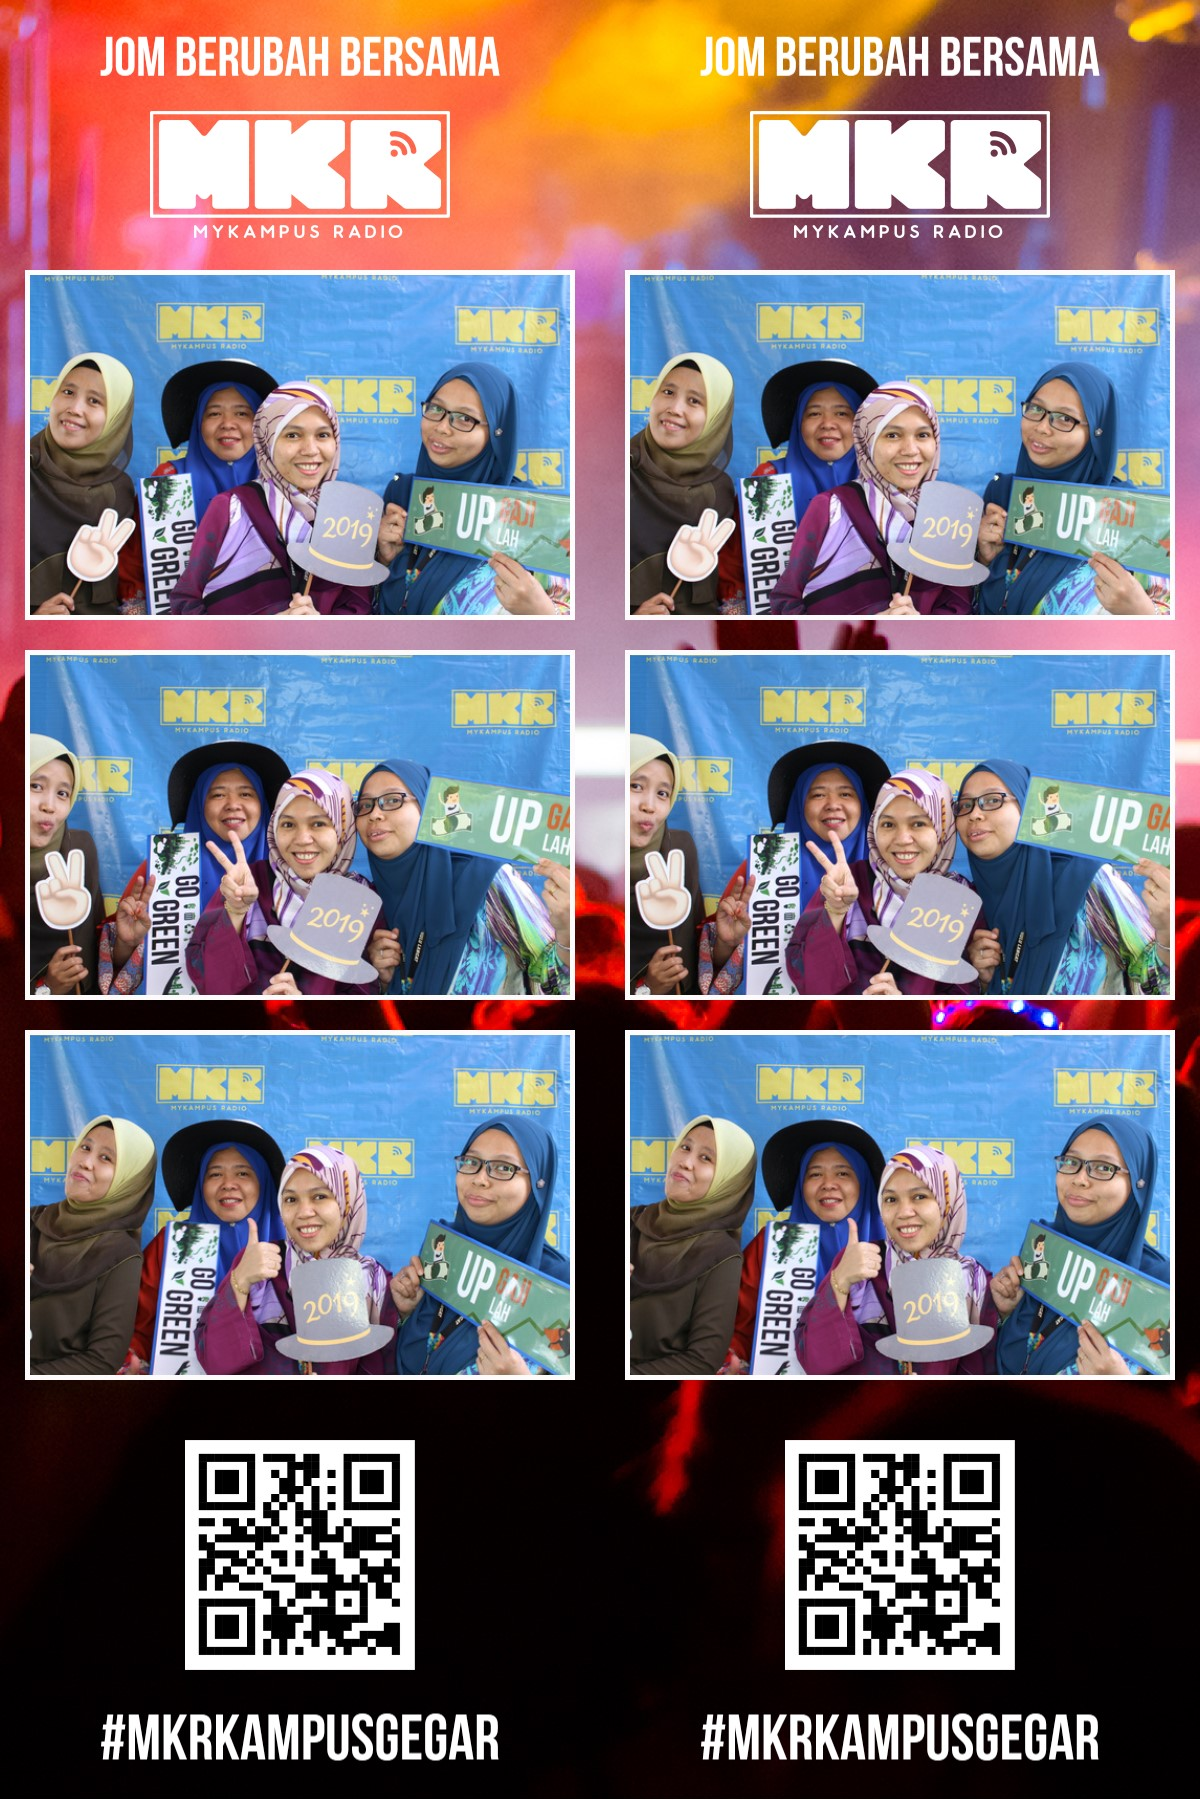 #MKRKampusGegar- Kolej Komuniti Hulu Langat, Selangor! (Photo booth)